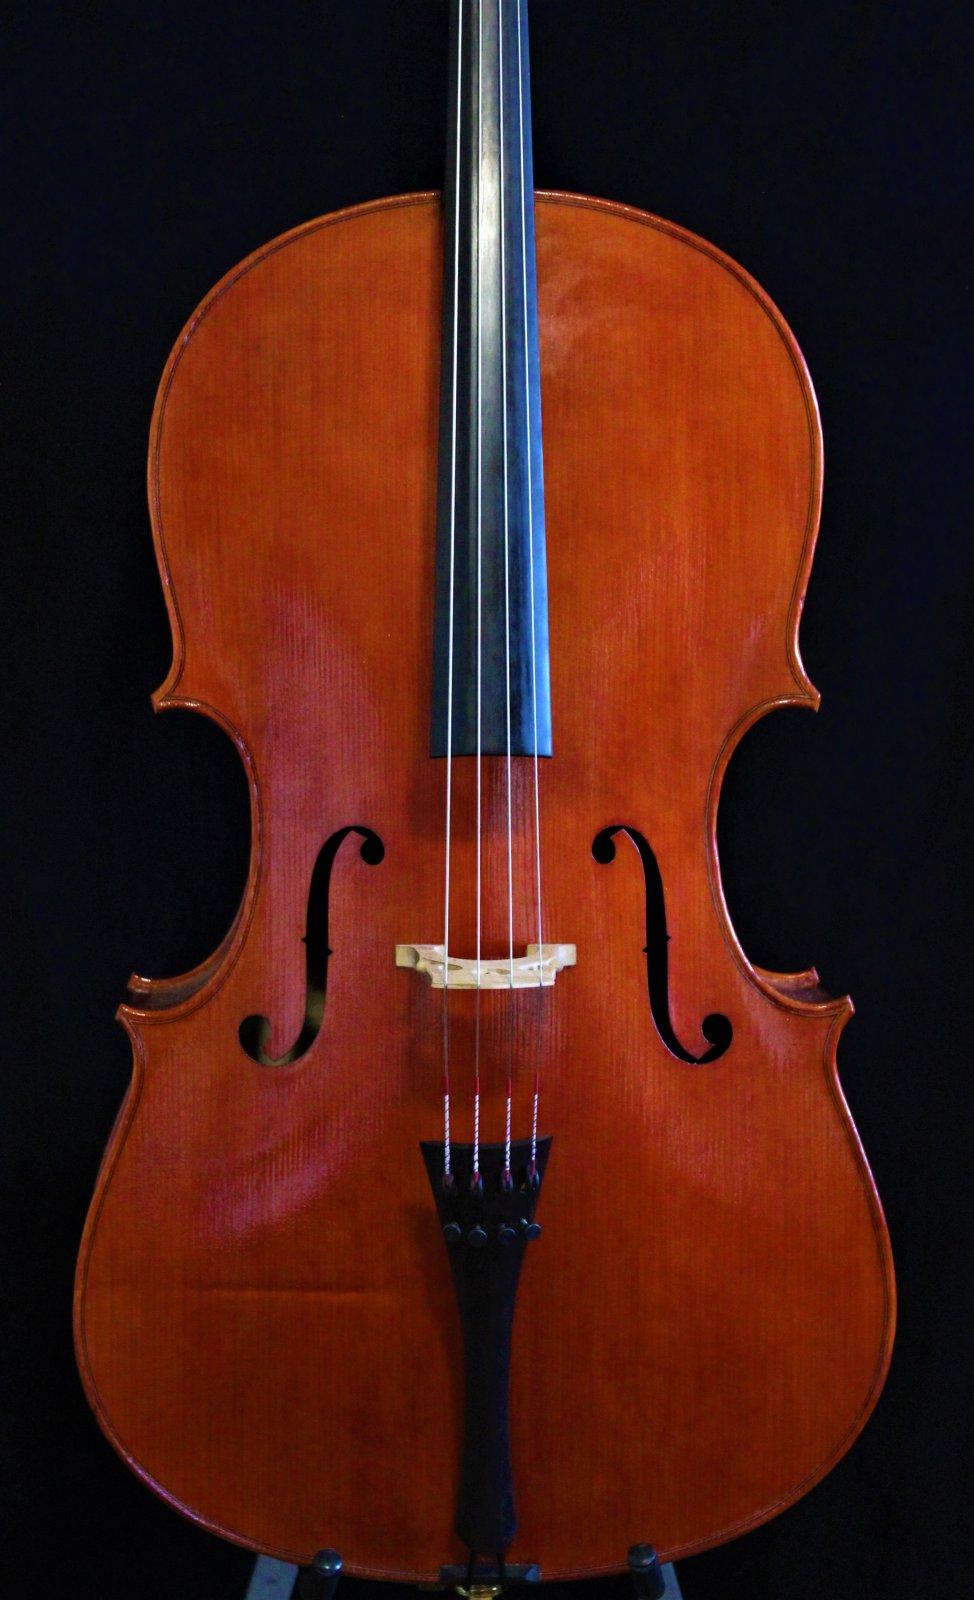 Joseph Ciccarelli Cello Goffriller ca. 2021